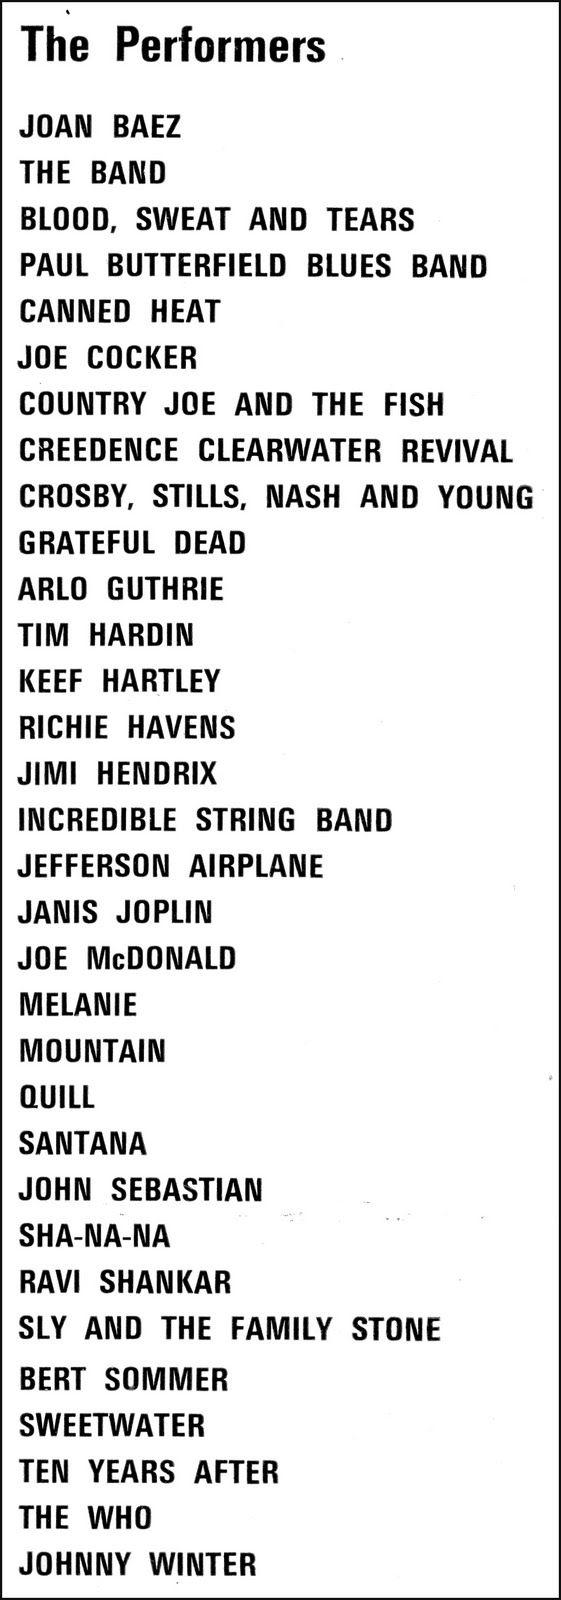 vintage everyday: Woodstock - August 15-18, 1969